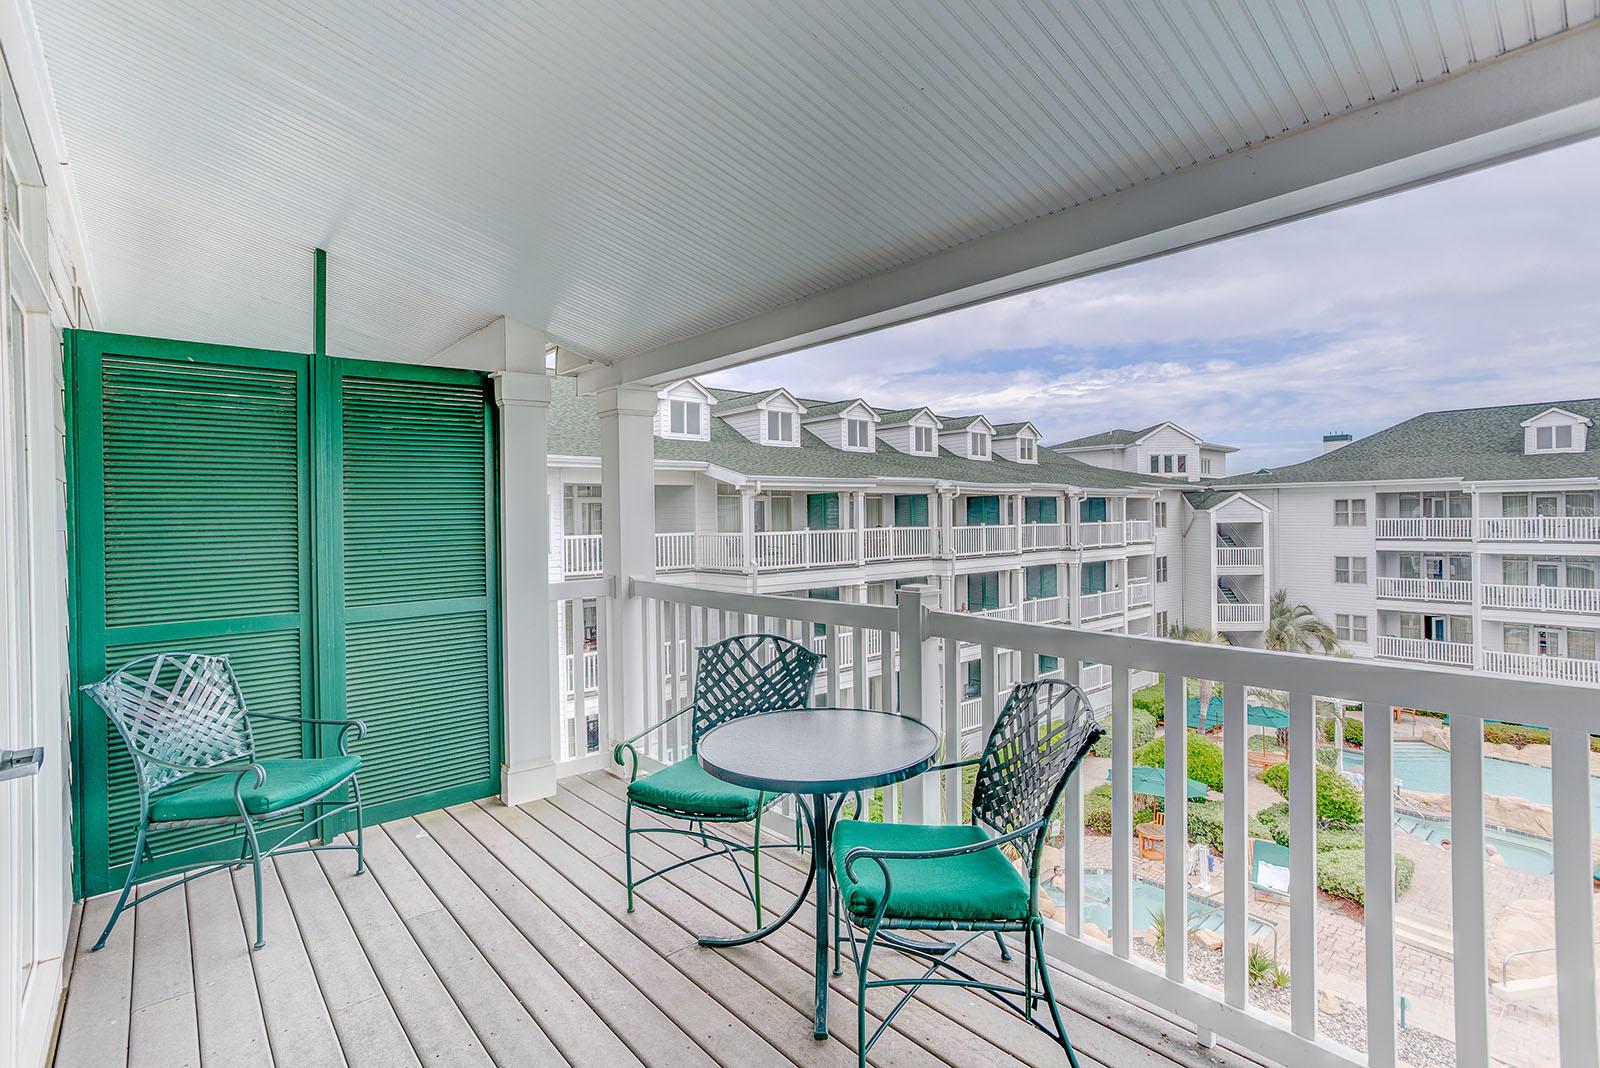 Two Bedroom Hotels Near Virginia Beach Boardwalk Turtle